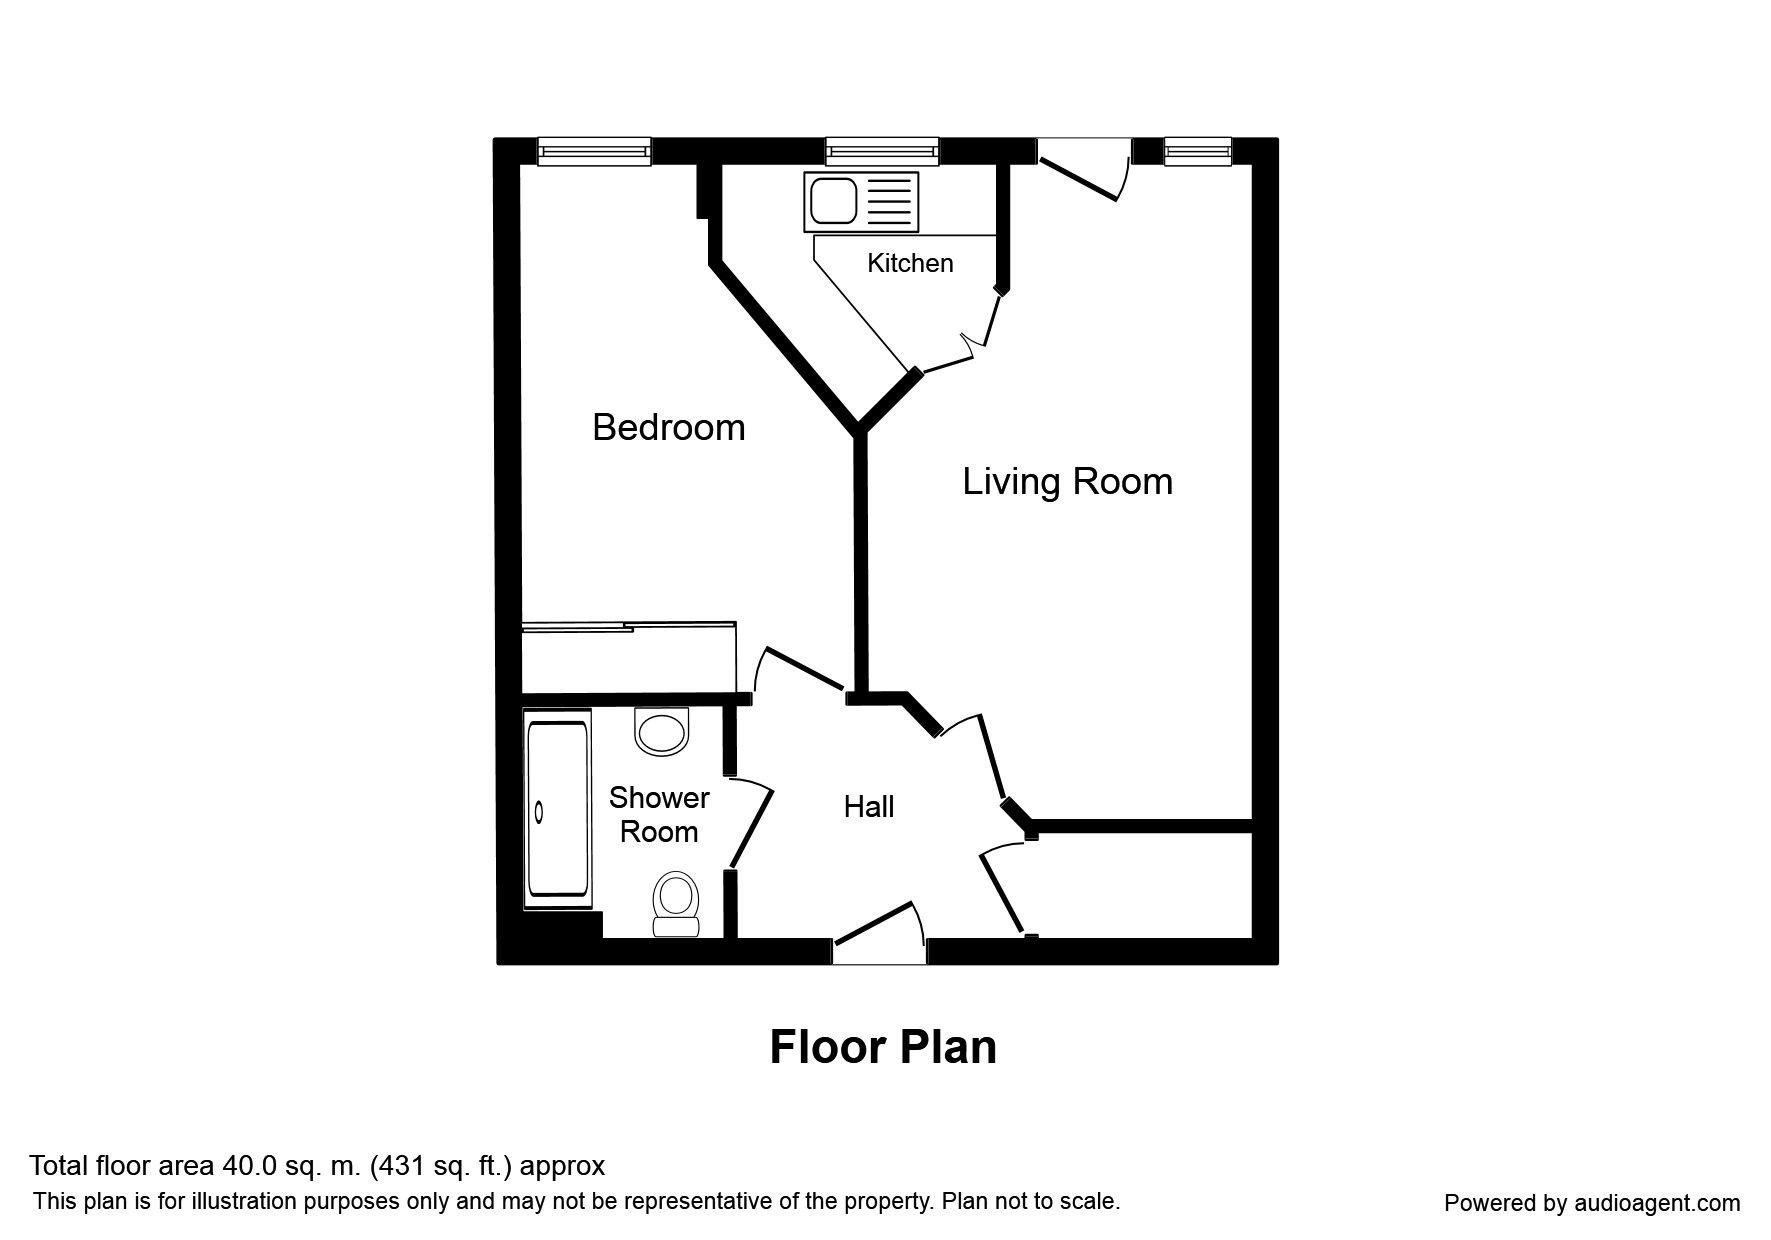 Ashill Road, Rednal, Birmingham B45, 1 bedroom flat for